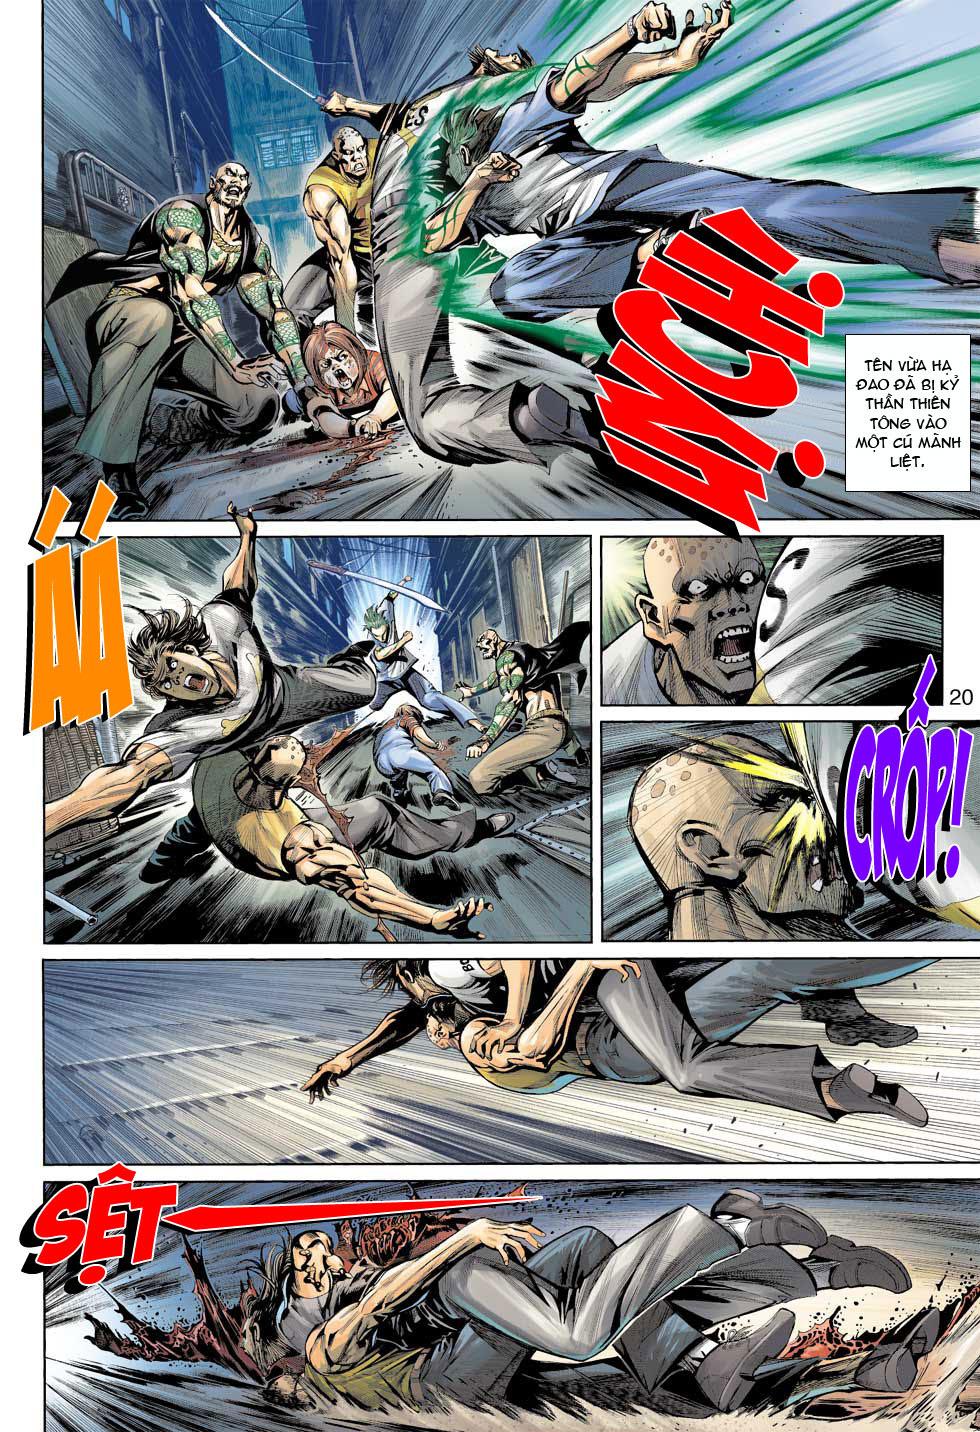 Thần Binh 4 chap 12 - Trang 21